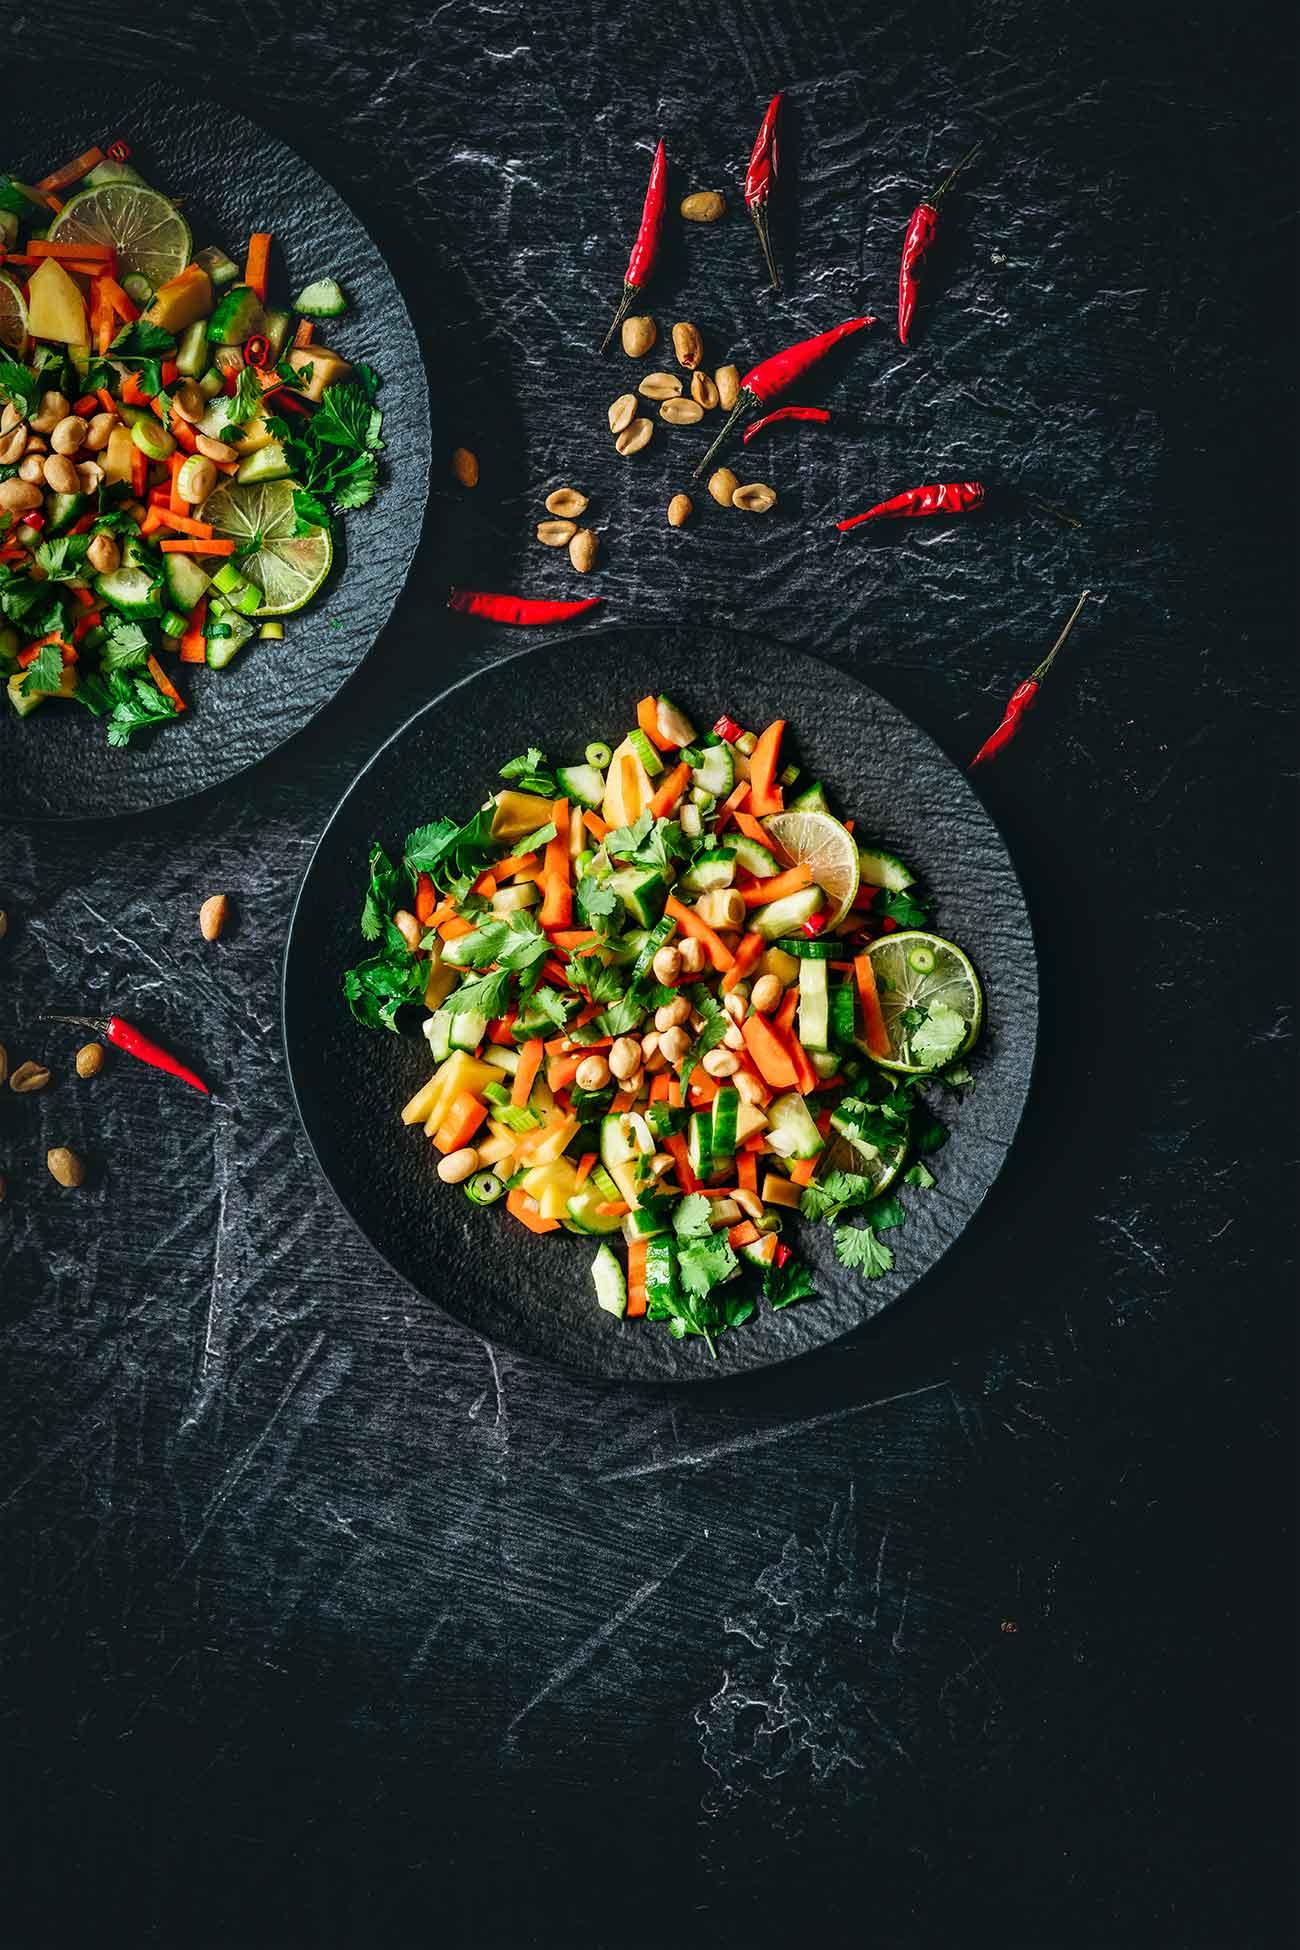 Ich starte mal mit einem knackigen Salat in die Woche. Fruchtig-scharf ist genau die Geschmacksrichtung, die ich bei Salaten am liebsten mag.